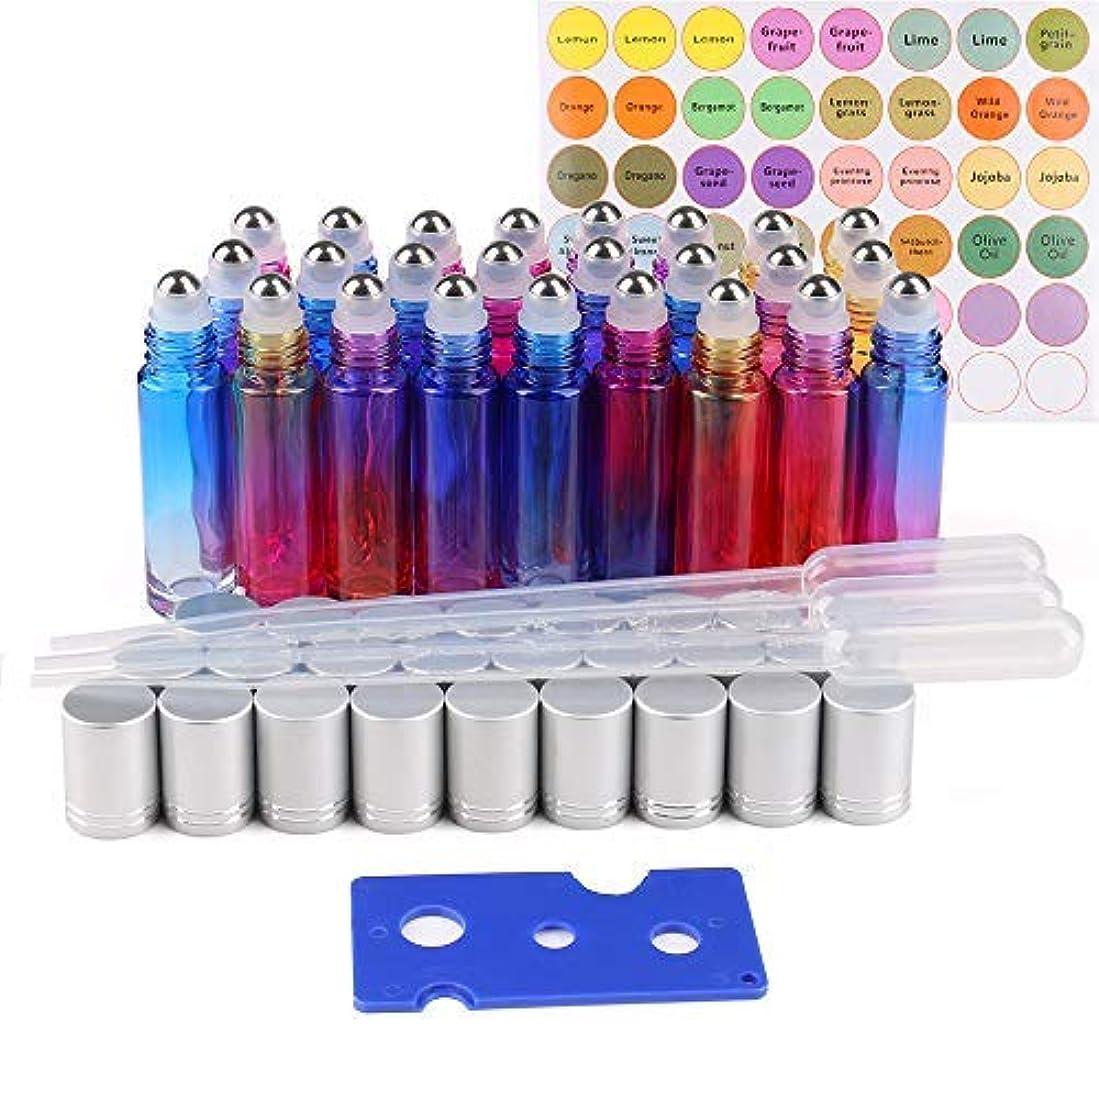 人間独創的鉛25 Pack Essential Oil Roller Bottles, 10ml Gradient Color Roll on Bottles with Stainless Steel Roller Balls for...